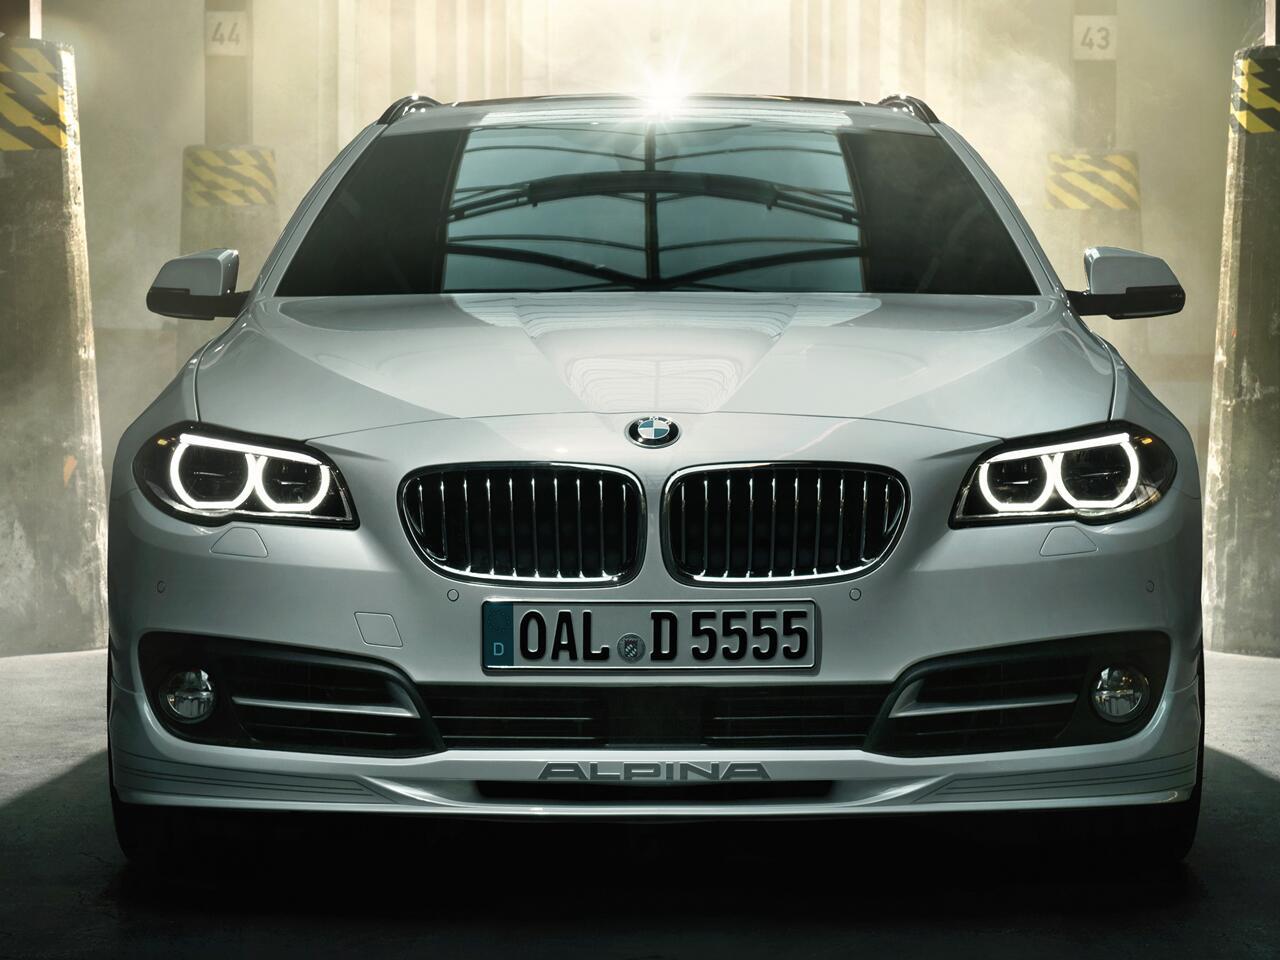 Bild zu BMW-Tuner Alpina wird 50: Ein Blick auf die Modelle der Edel-Raser